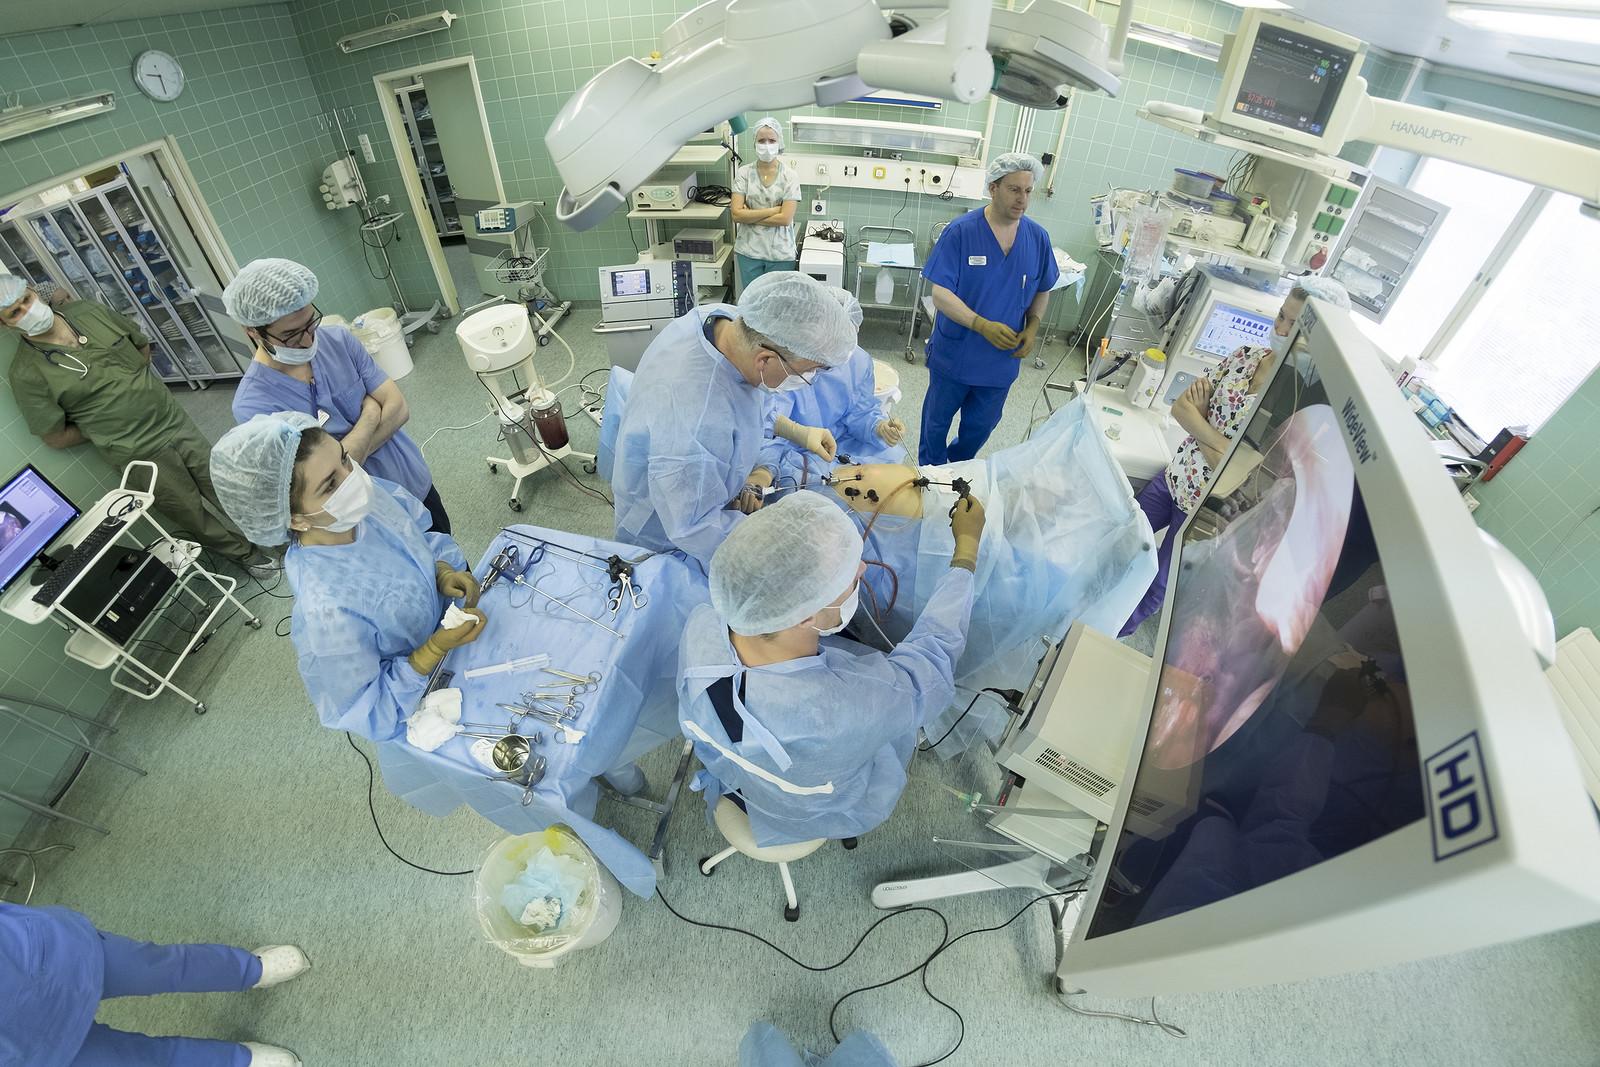 Как получить квоту на операцию и лечение в 2021 году, и при каких условиях могут отказать в квоте